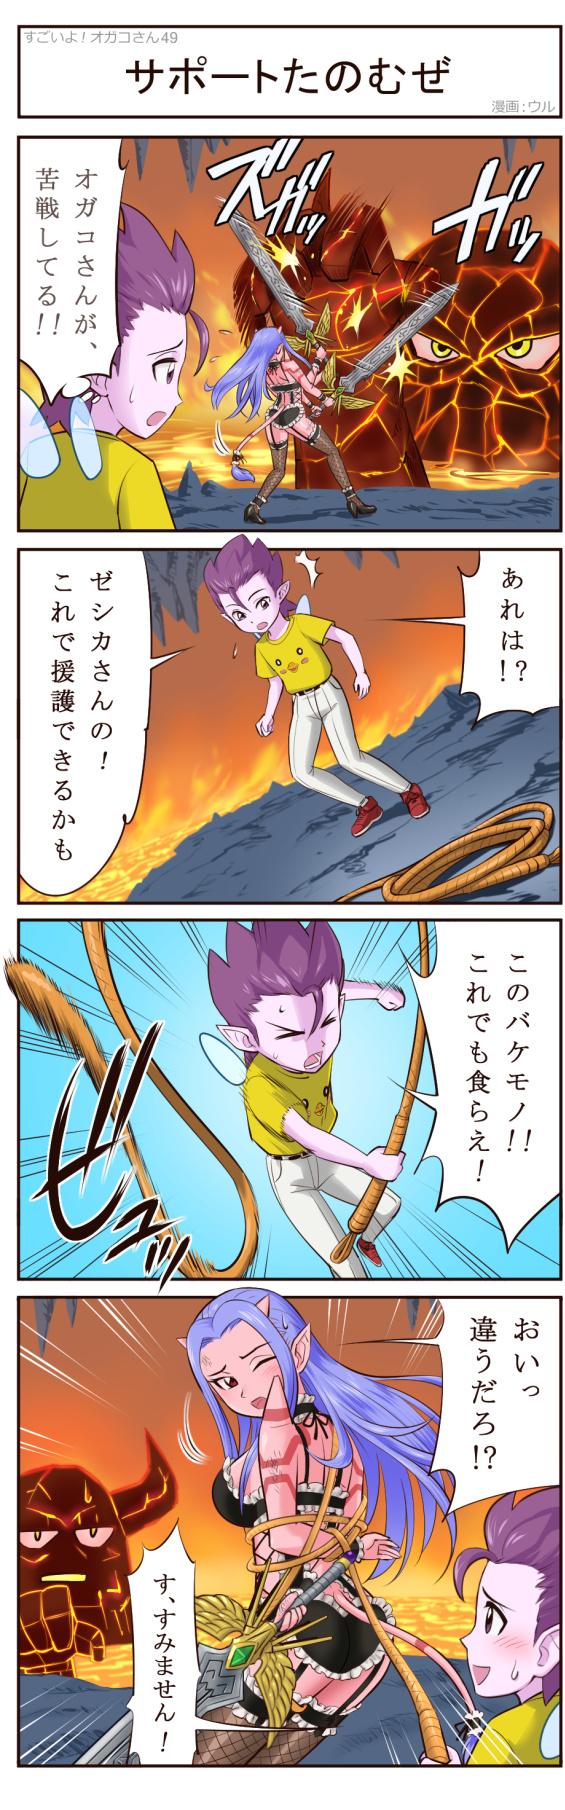 4コマ漫画DQXすごいよ!オガコさん第49話